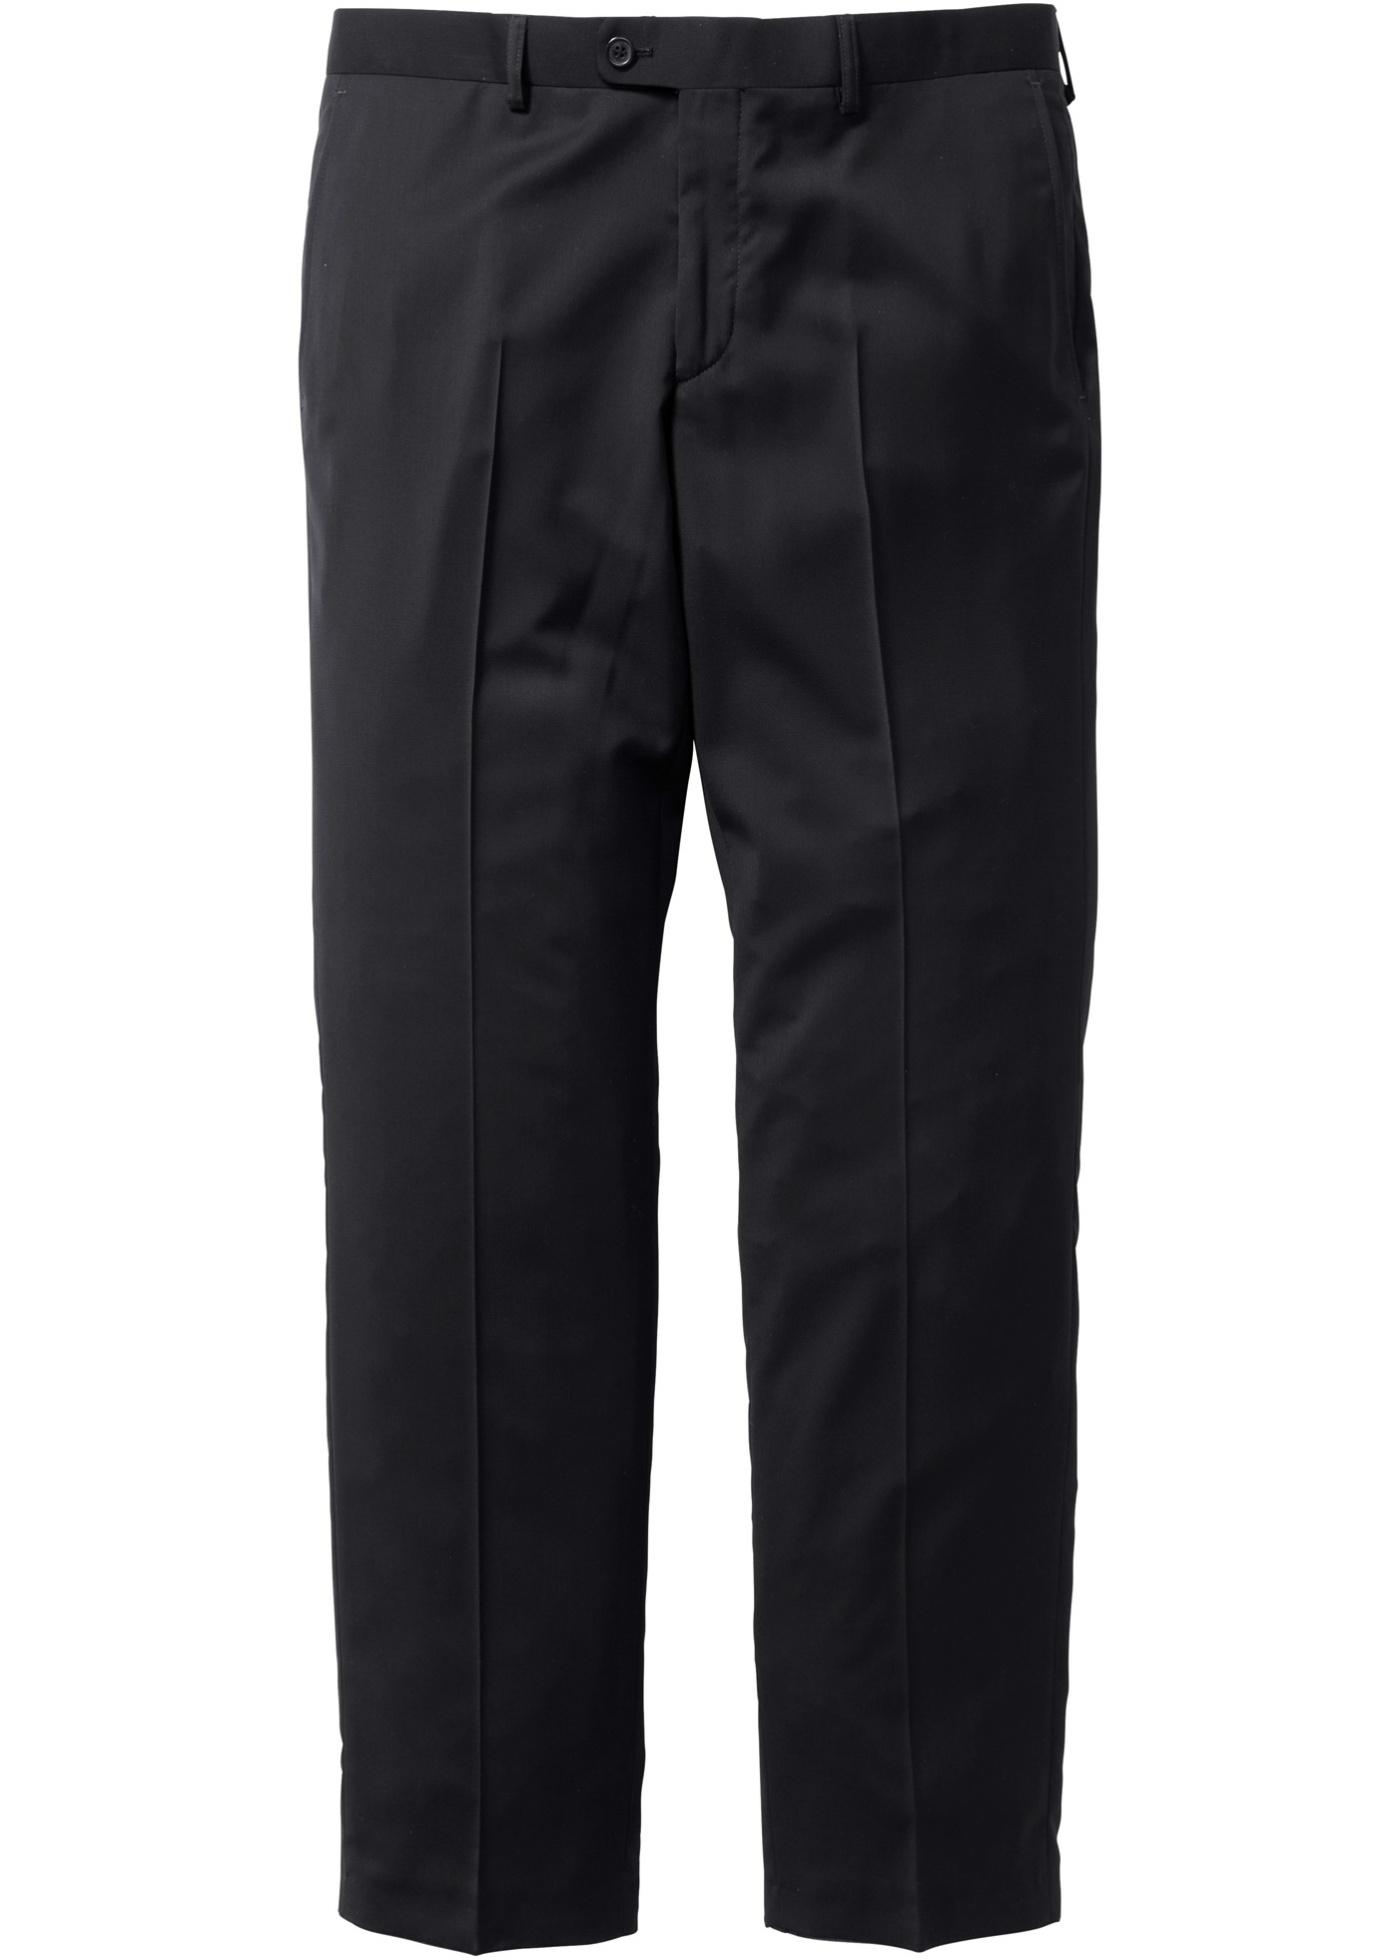 Pantalone per completo sl